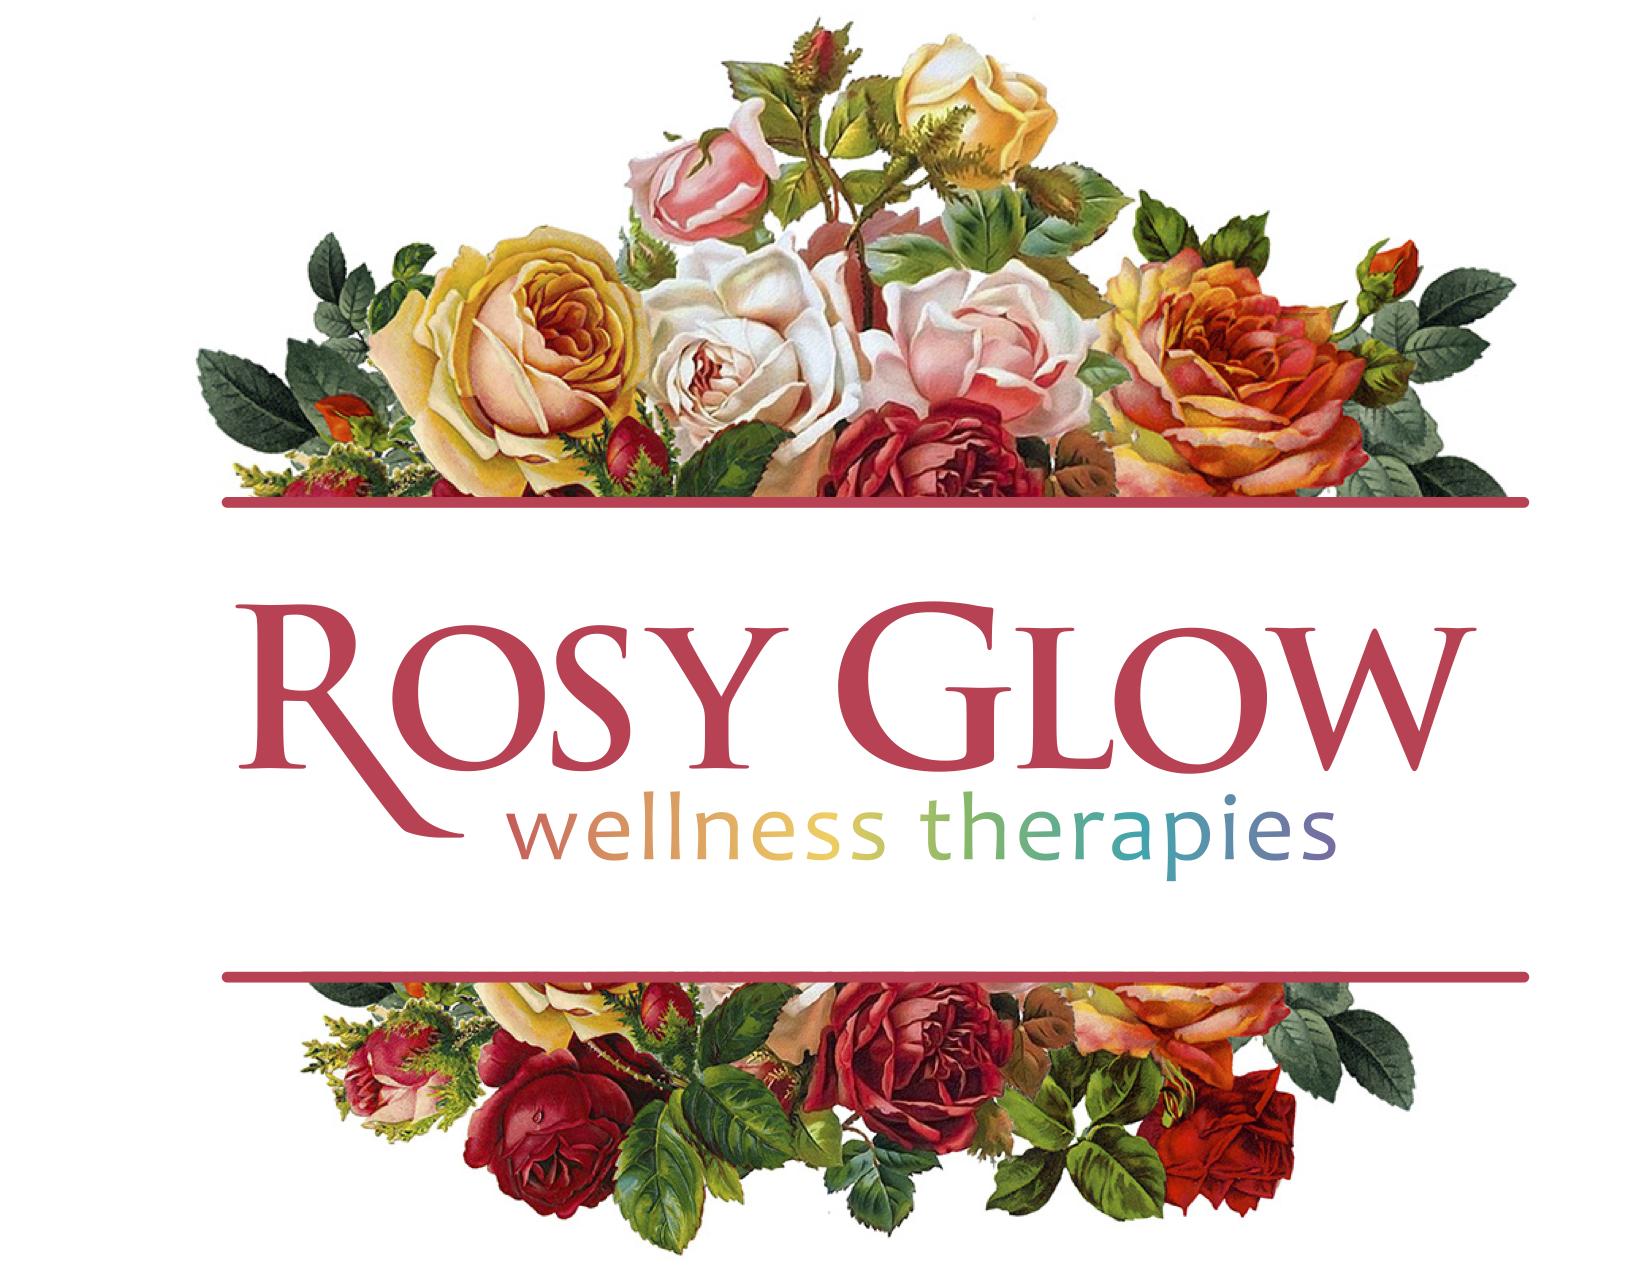 Rosy Glow Wellness Therapies logo